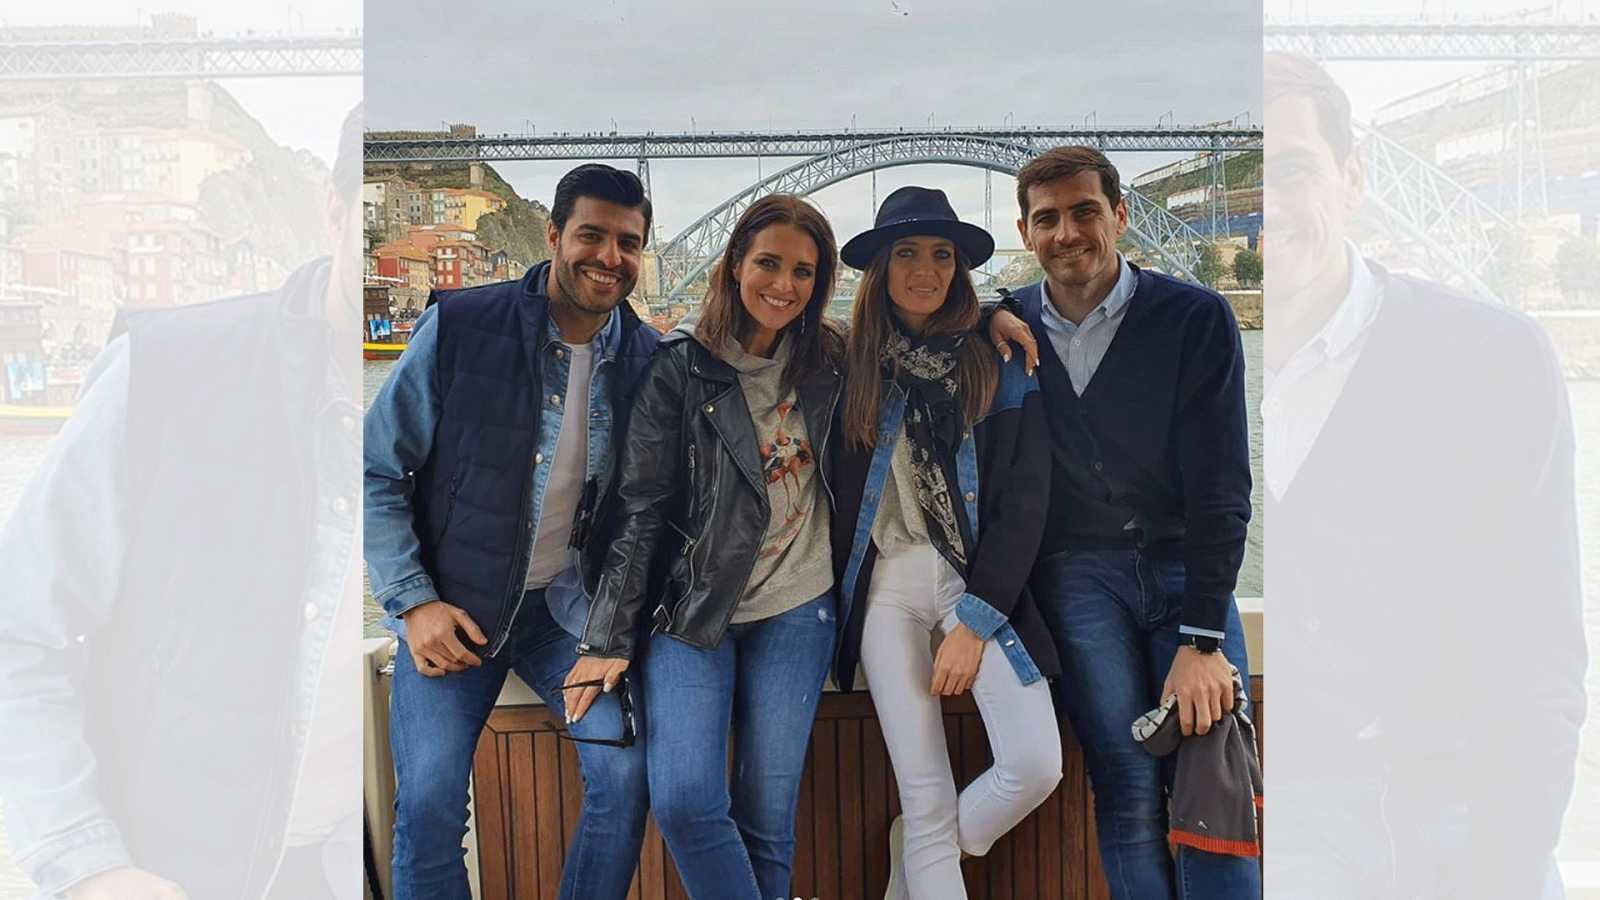 Paula Echevarría, Miguel Torres, Sara Carbonero e Iker Casillas pasan el fin de semana juntos en Oporto